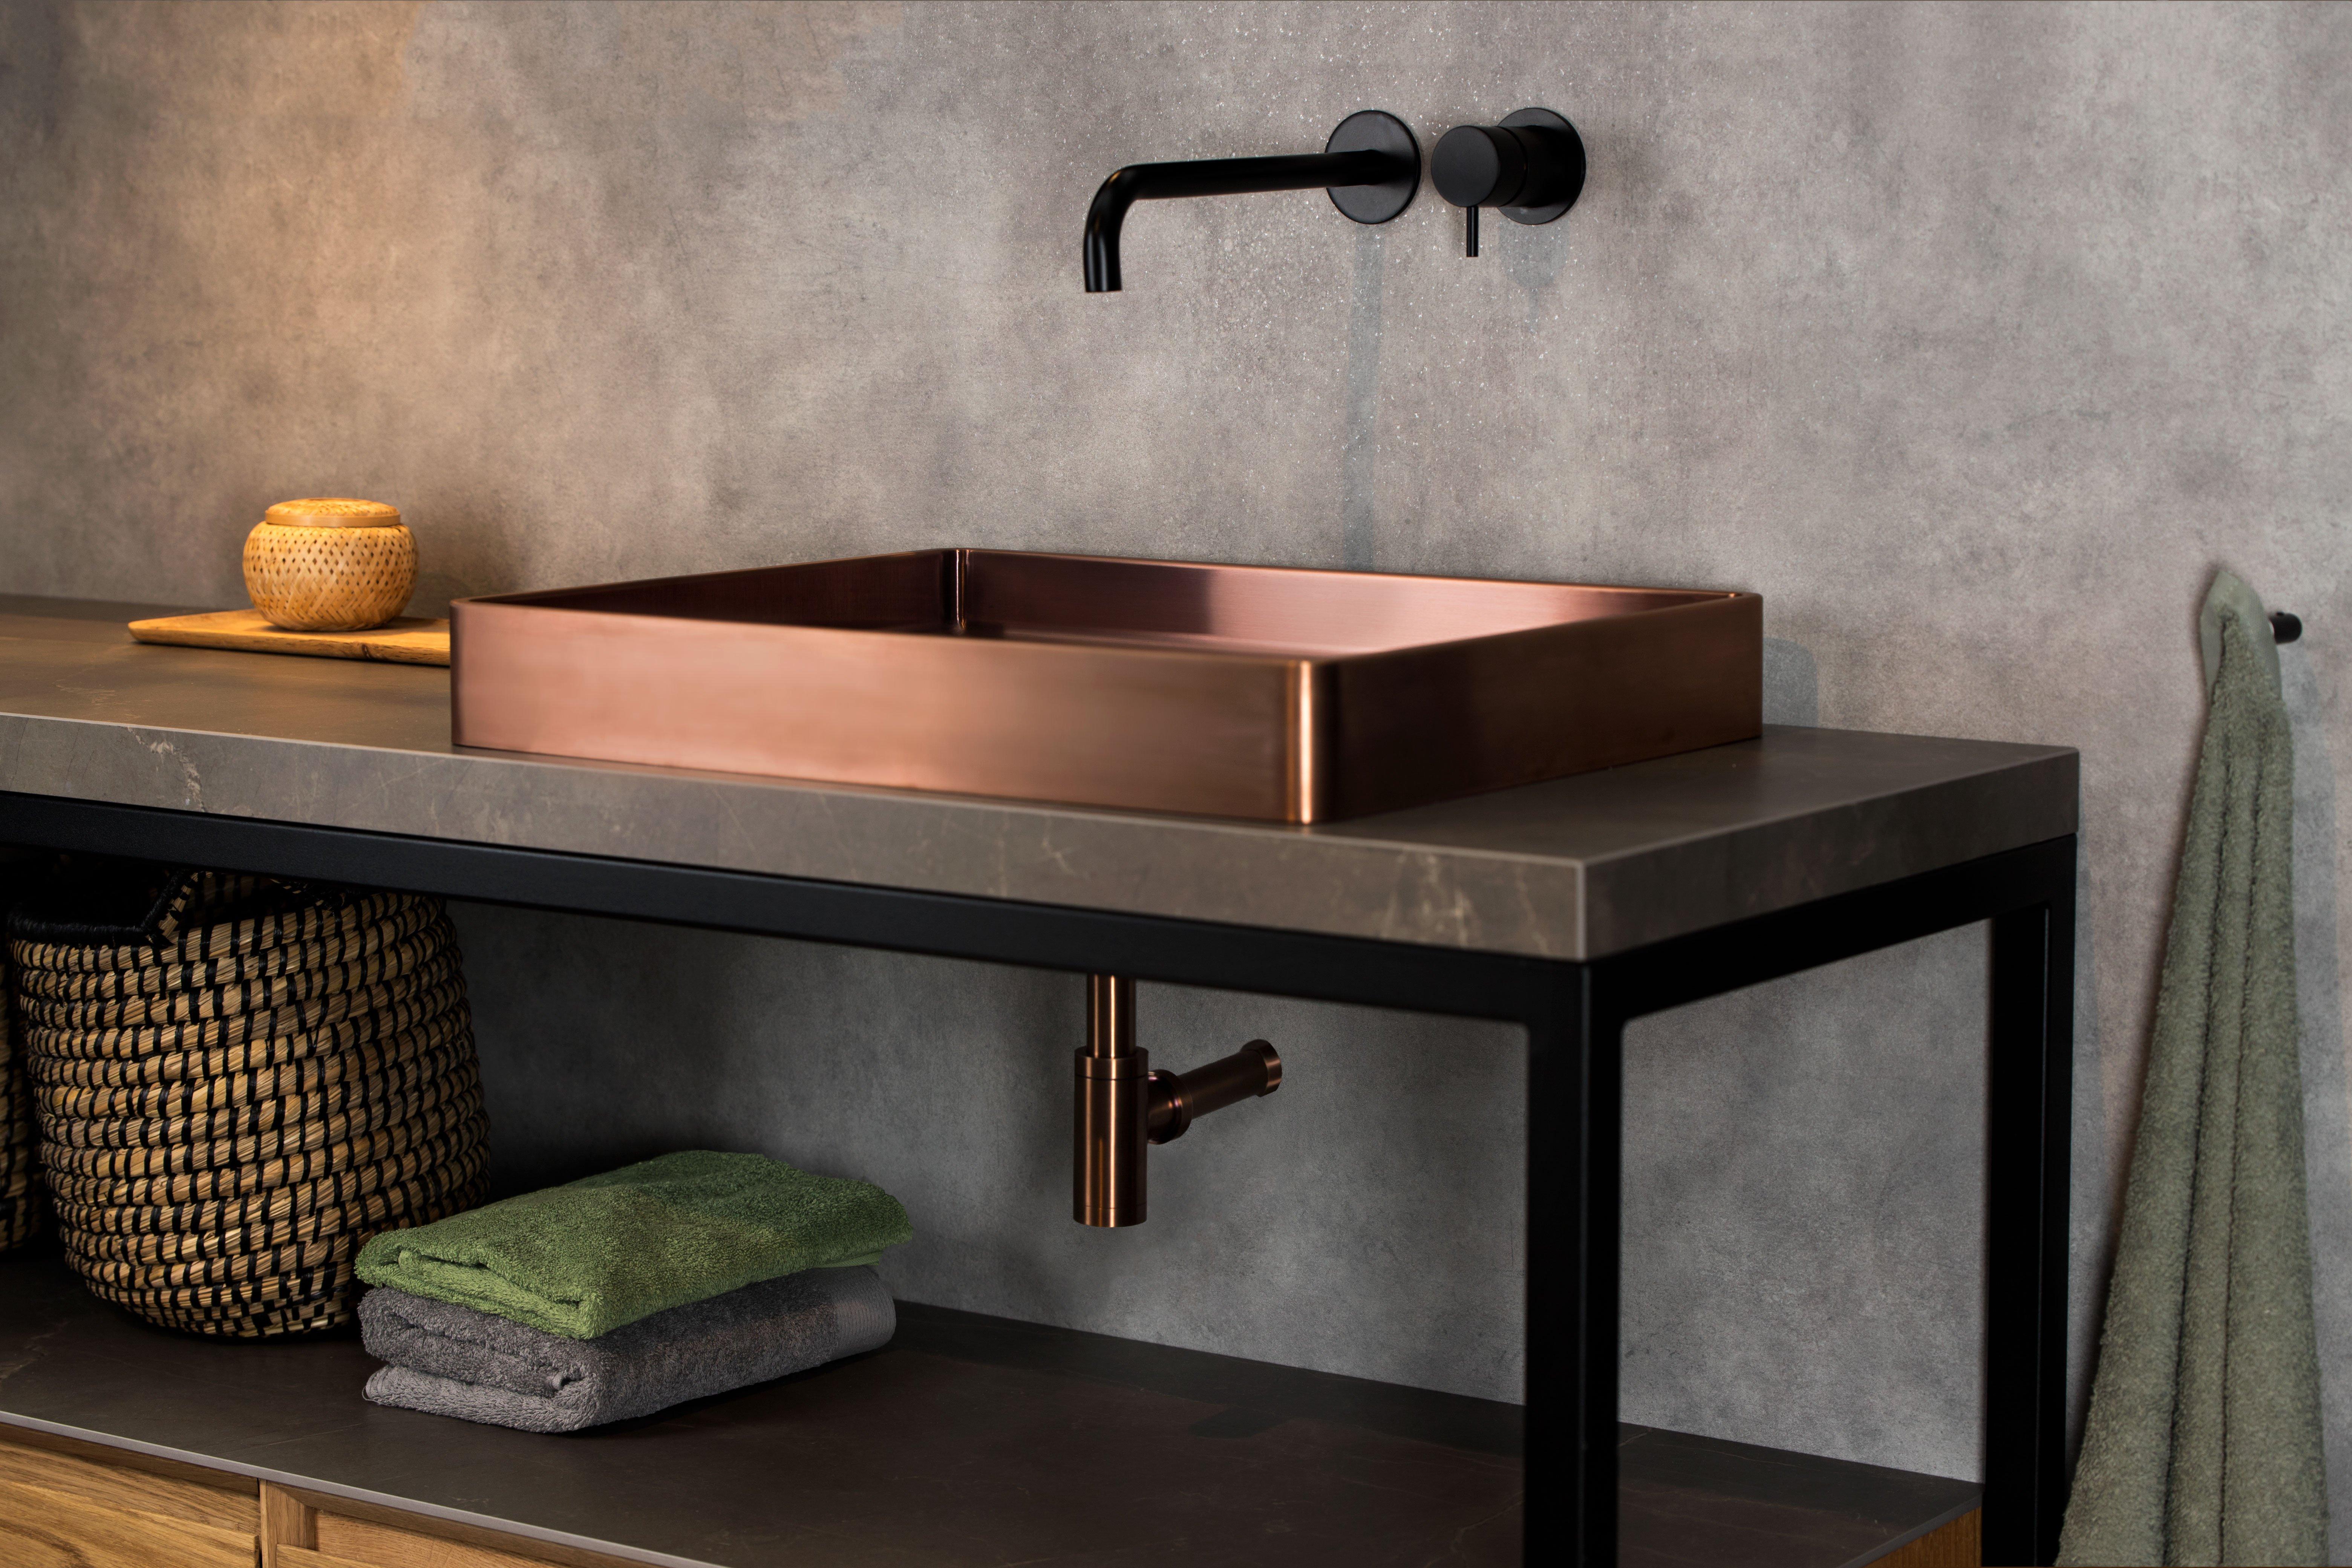 181052(01)_V0020_001_Lanesto-Vanity-sifon-copper